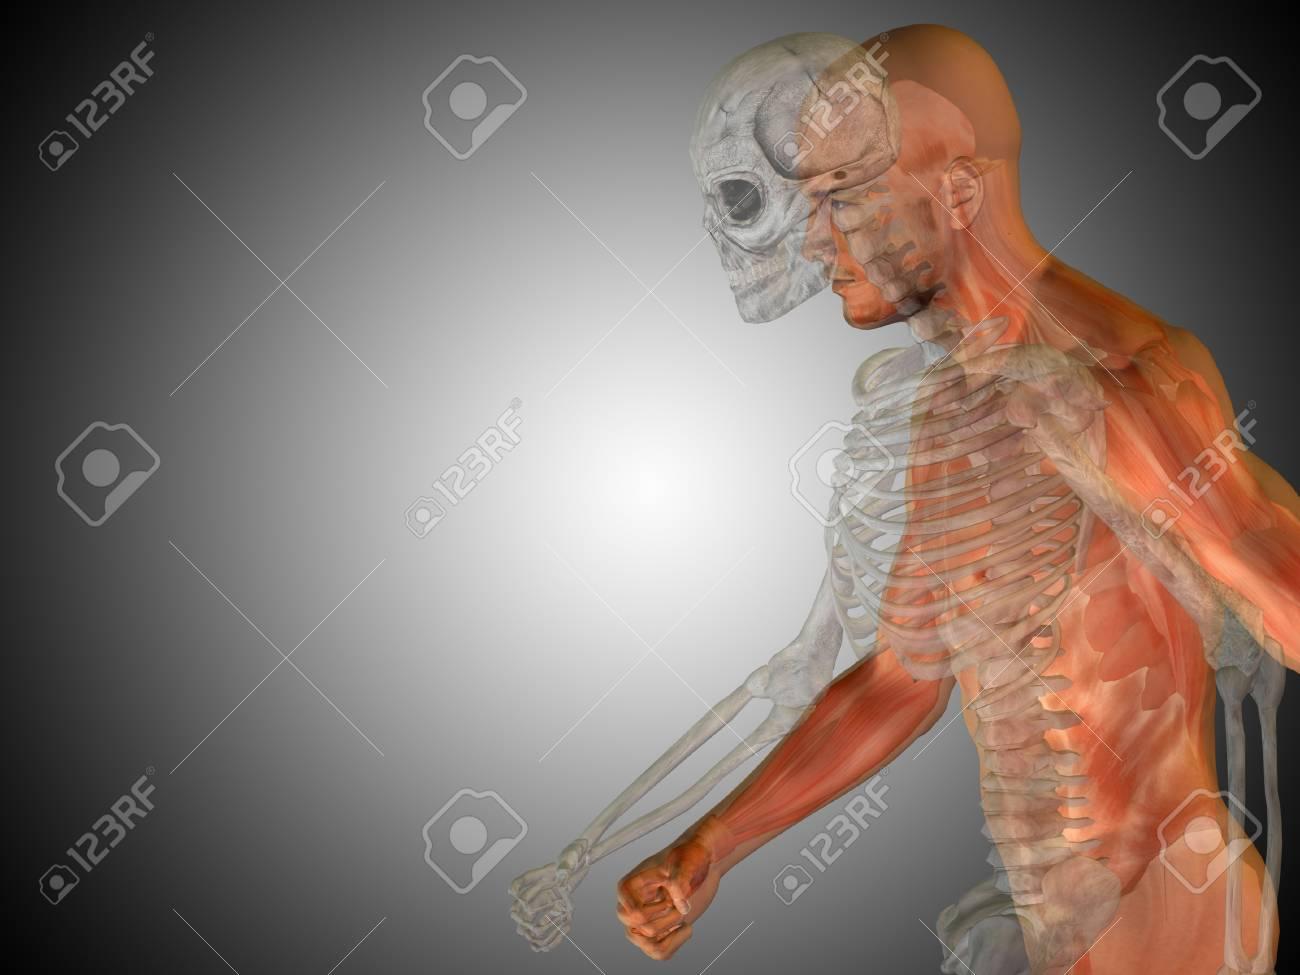 Ziemlich Atlas Und Dissektion Führung Für Vergleichende Anatomie ...